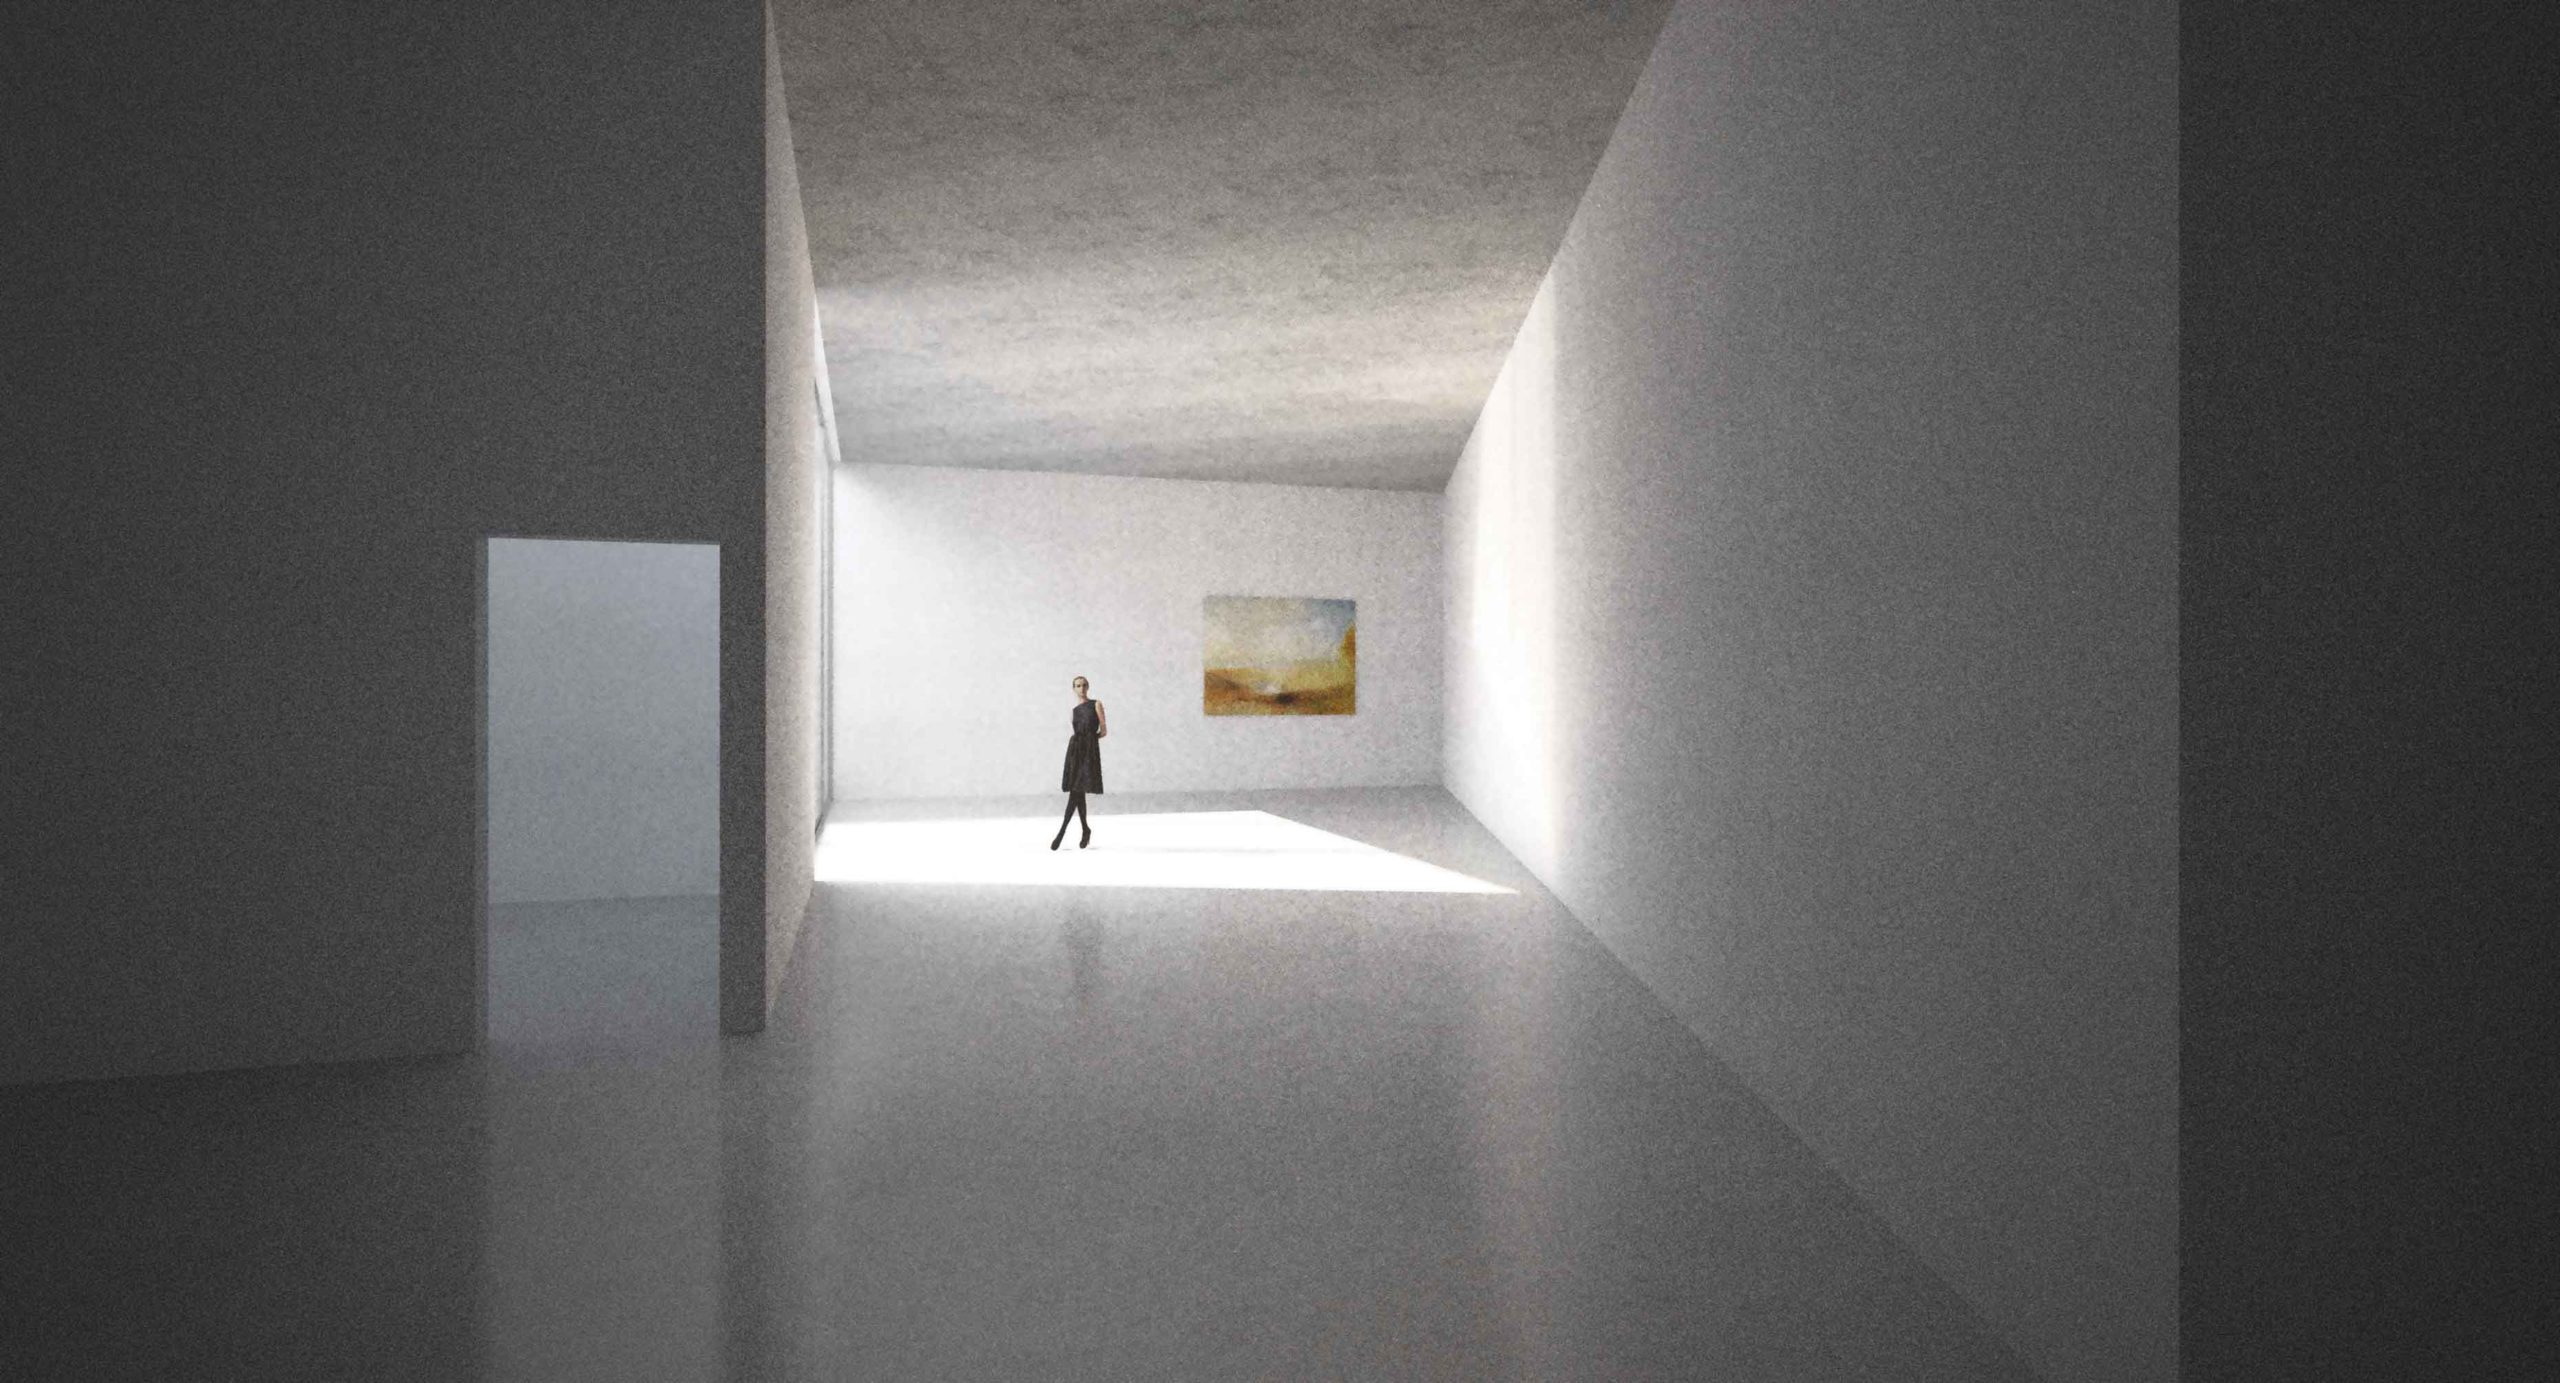 Galerie České Budějovice - vizualizace vnitřního výstavního prostoru. Autor: Kurz architekti